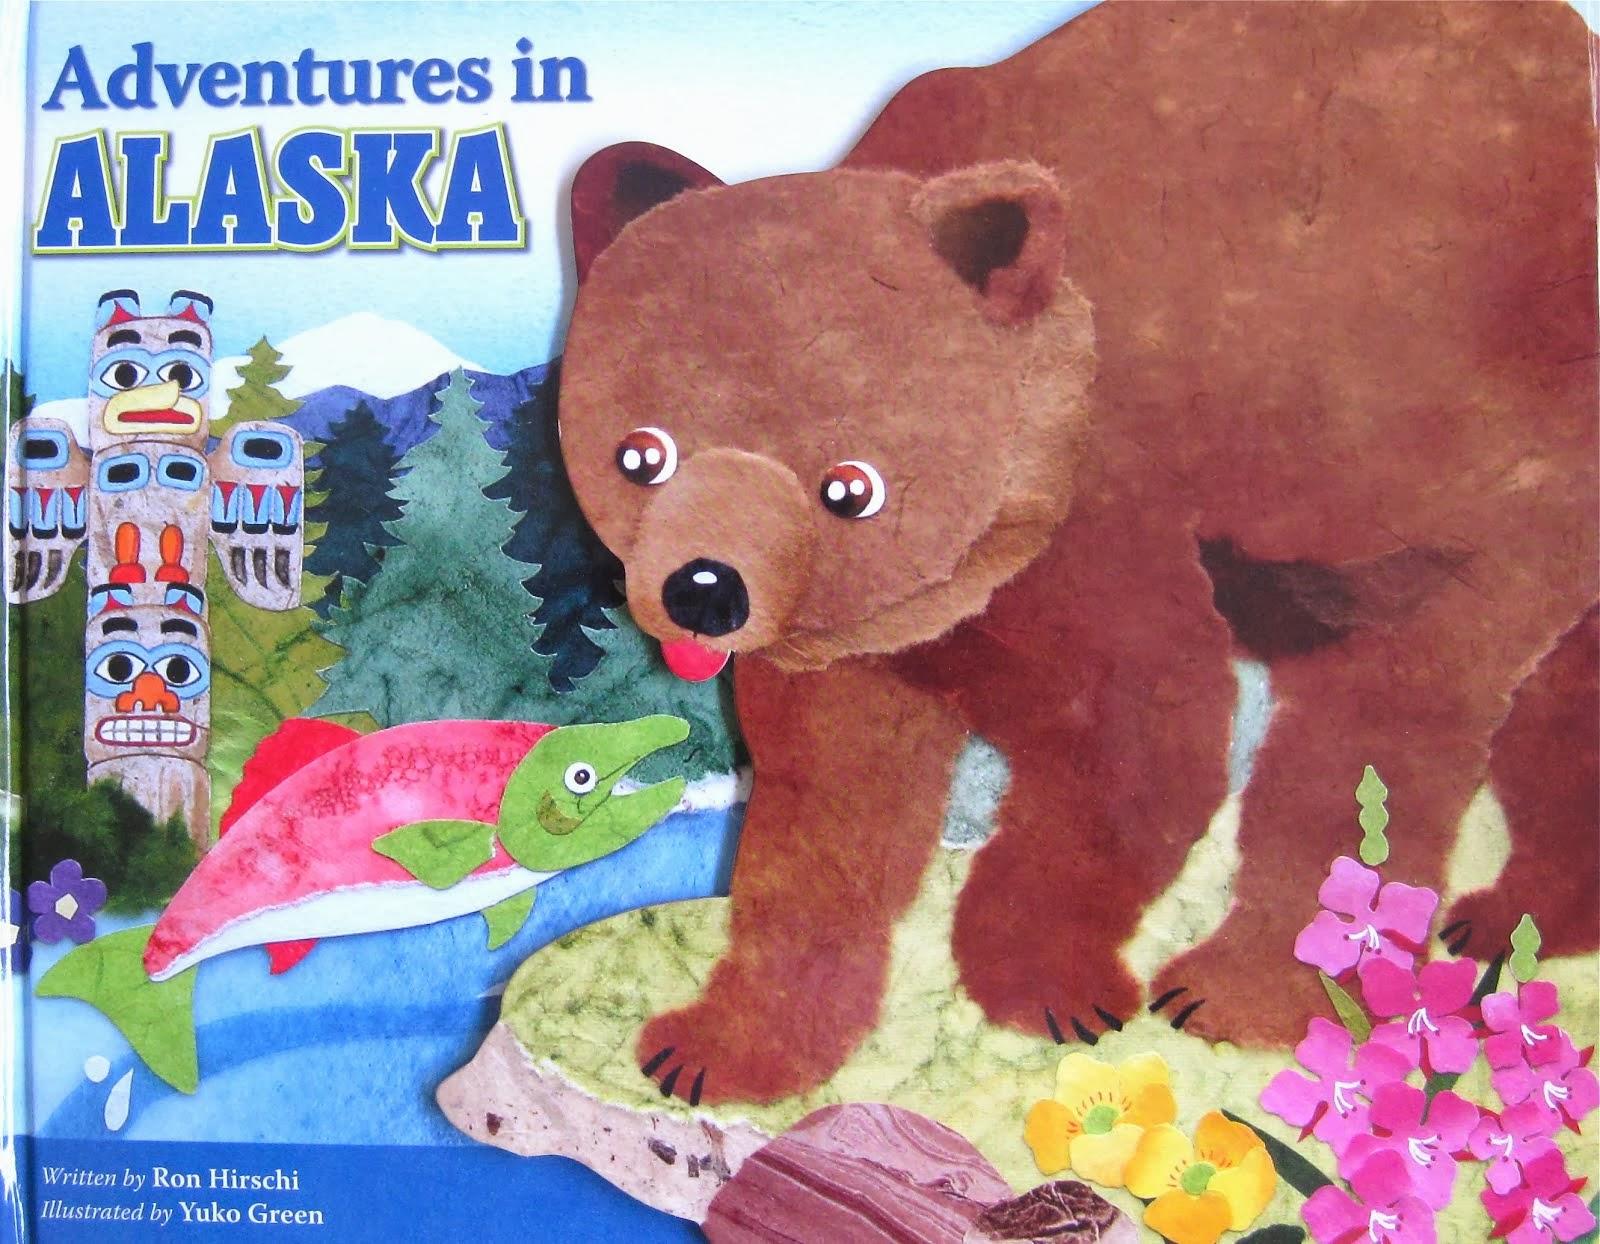 from Alaska...